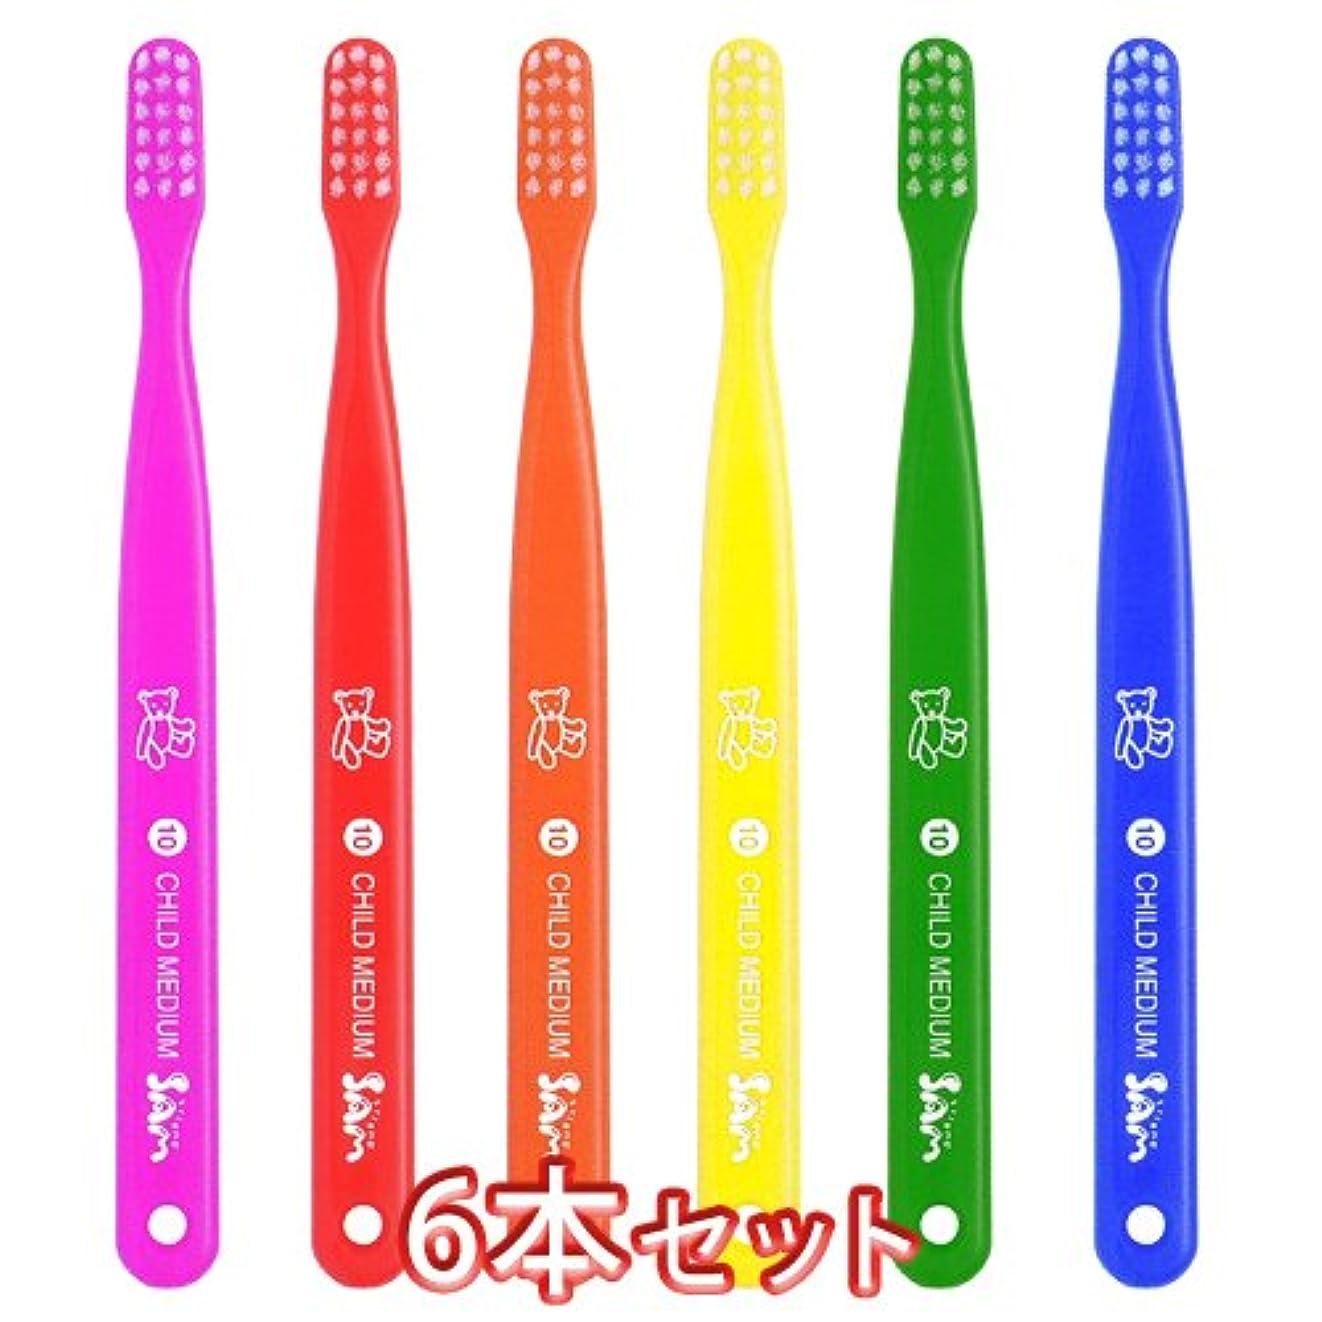 オペレーターネイティブシプリーサムフレンド ベーシック 歯ブラシ × 6本 アソート (10)